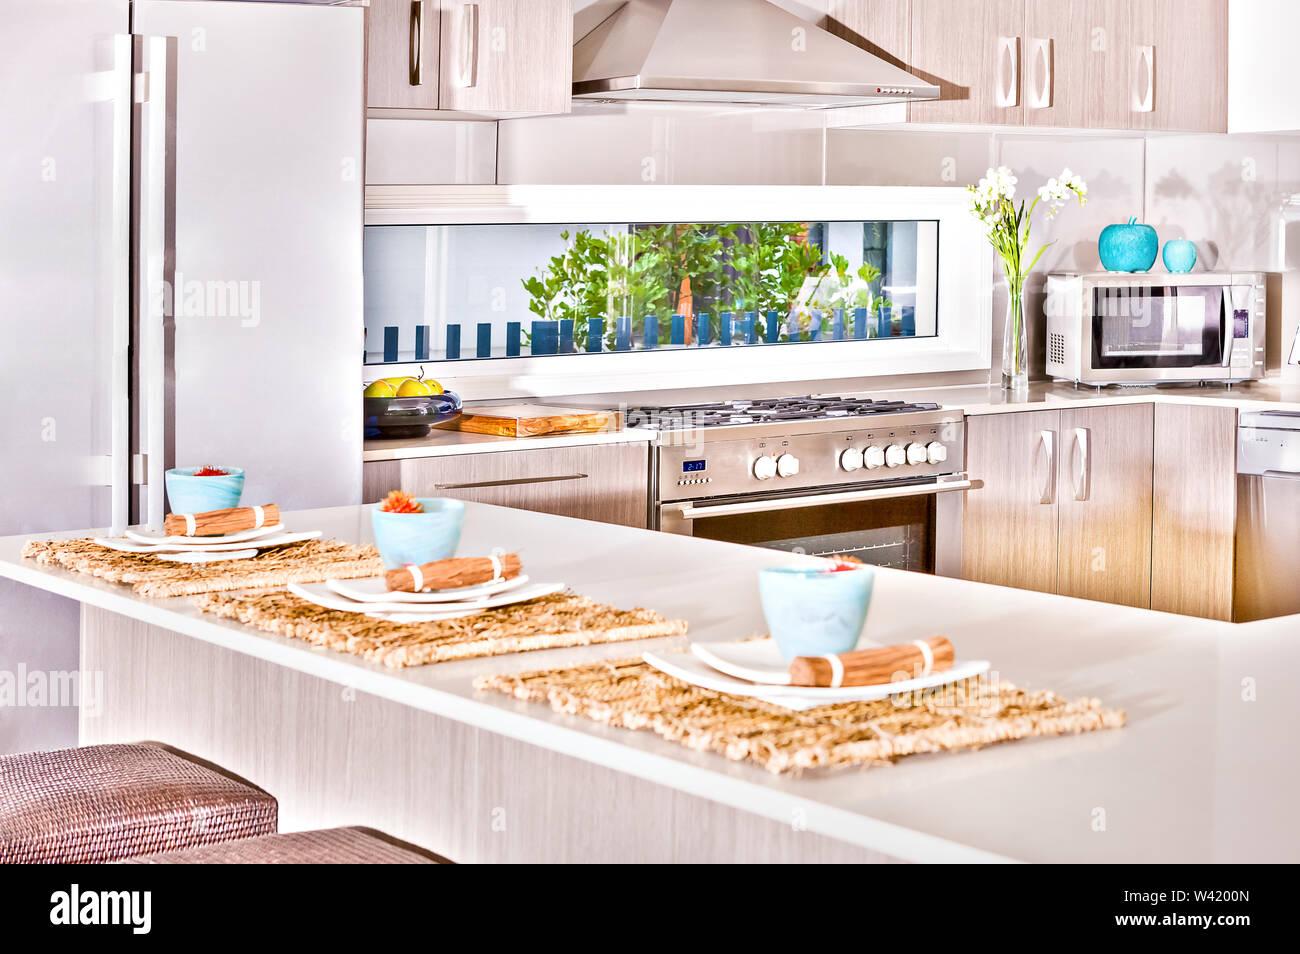 Piastrelle Cucina Con Fiori fornello a gas attaccato al muro, articoli per la cucina con